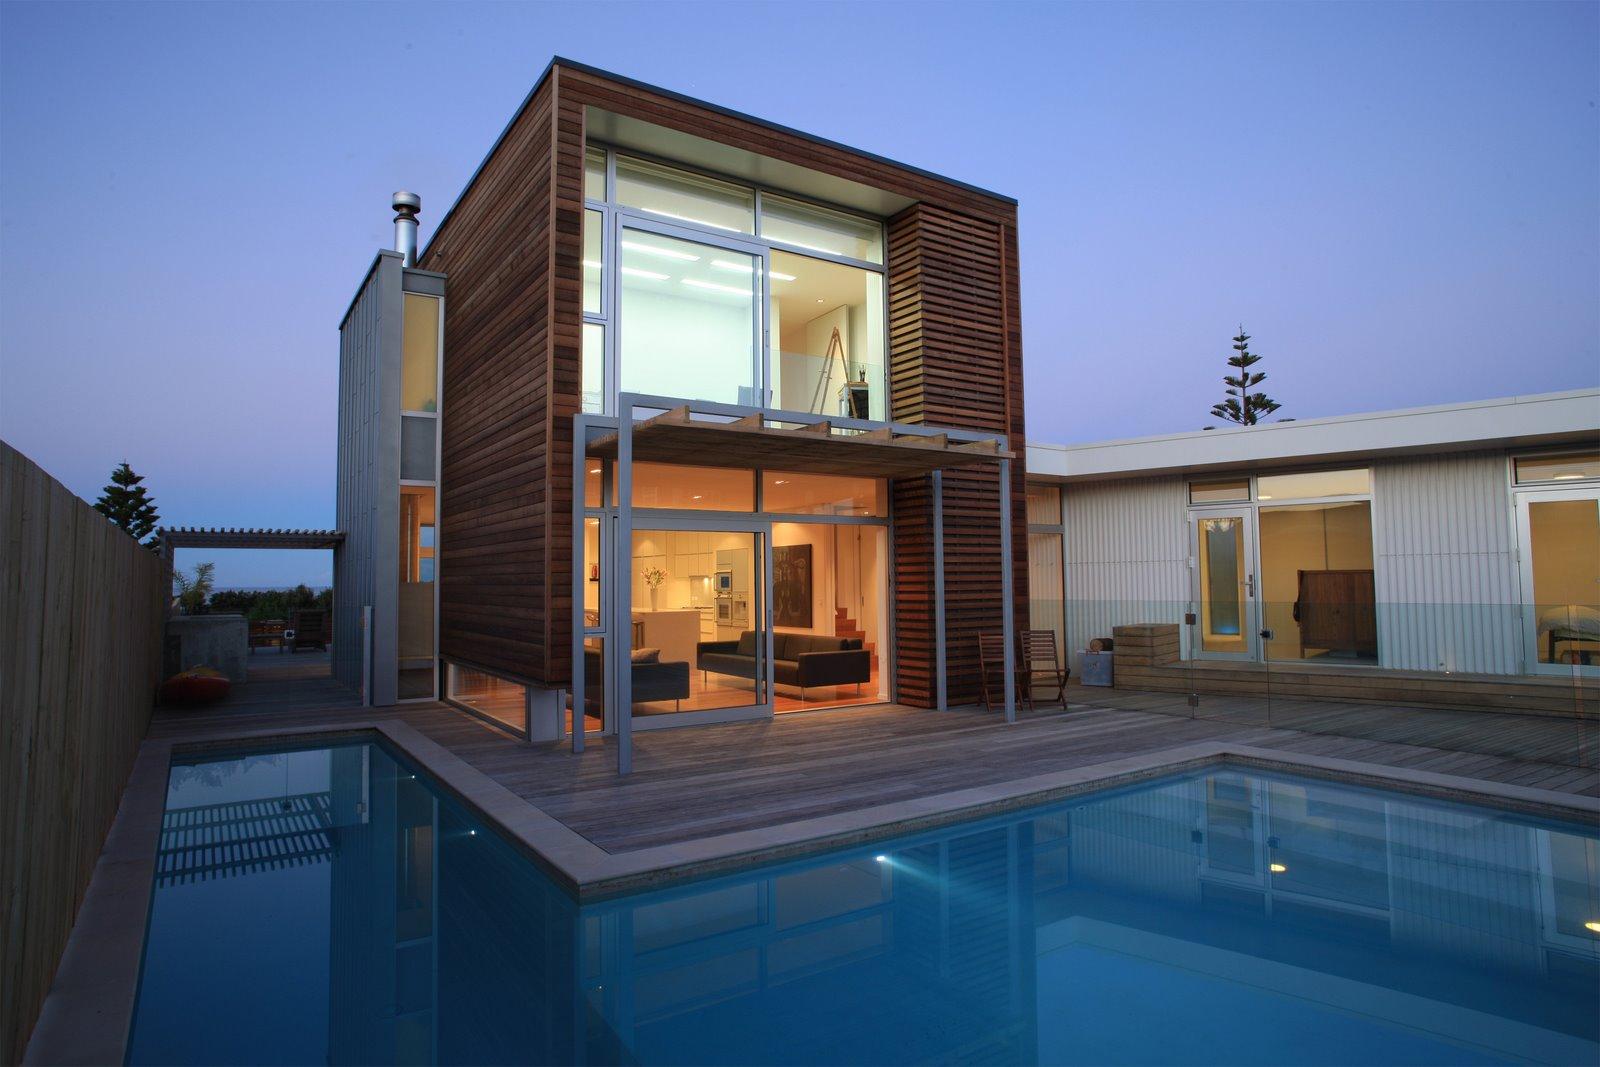 Progetto casa naturale case in legno prefabbricate for Piante case moderne